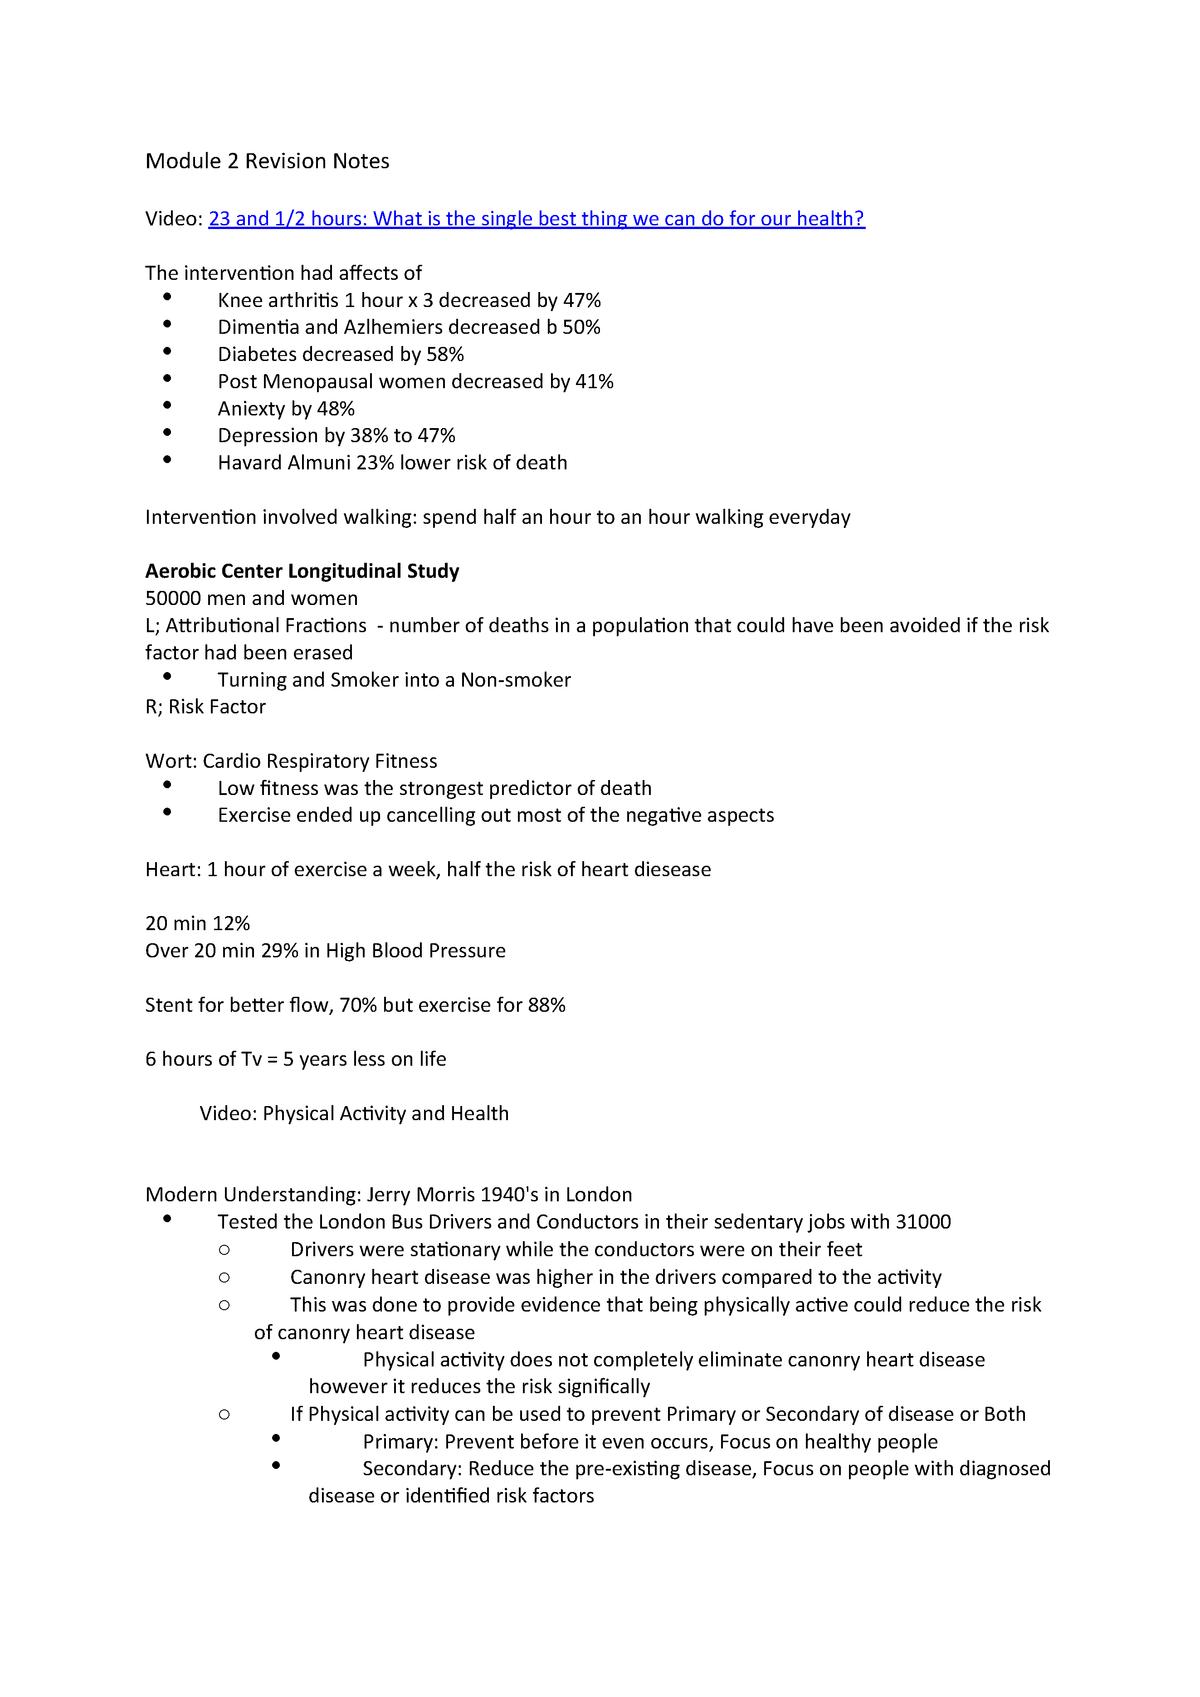 Module 2 Revision Notes - NUTR1023: Nutrition - StuDocu